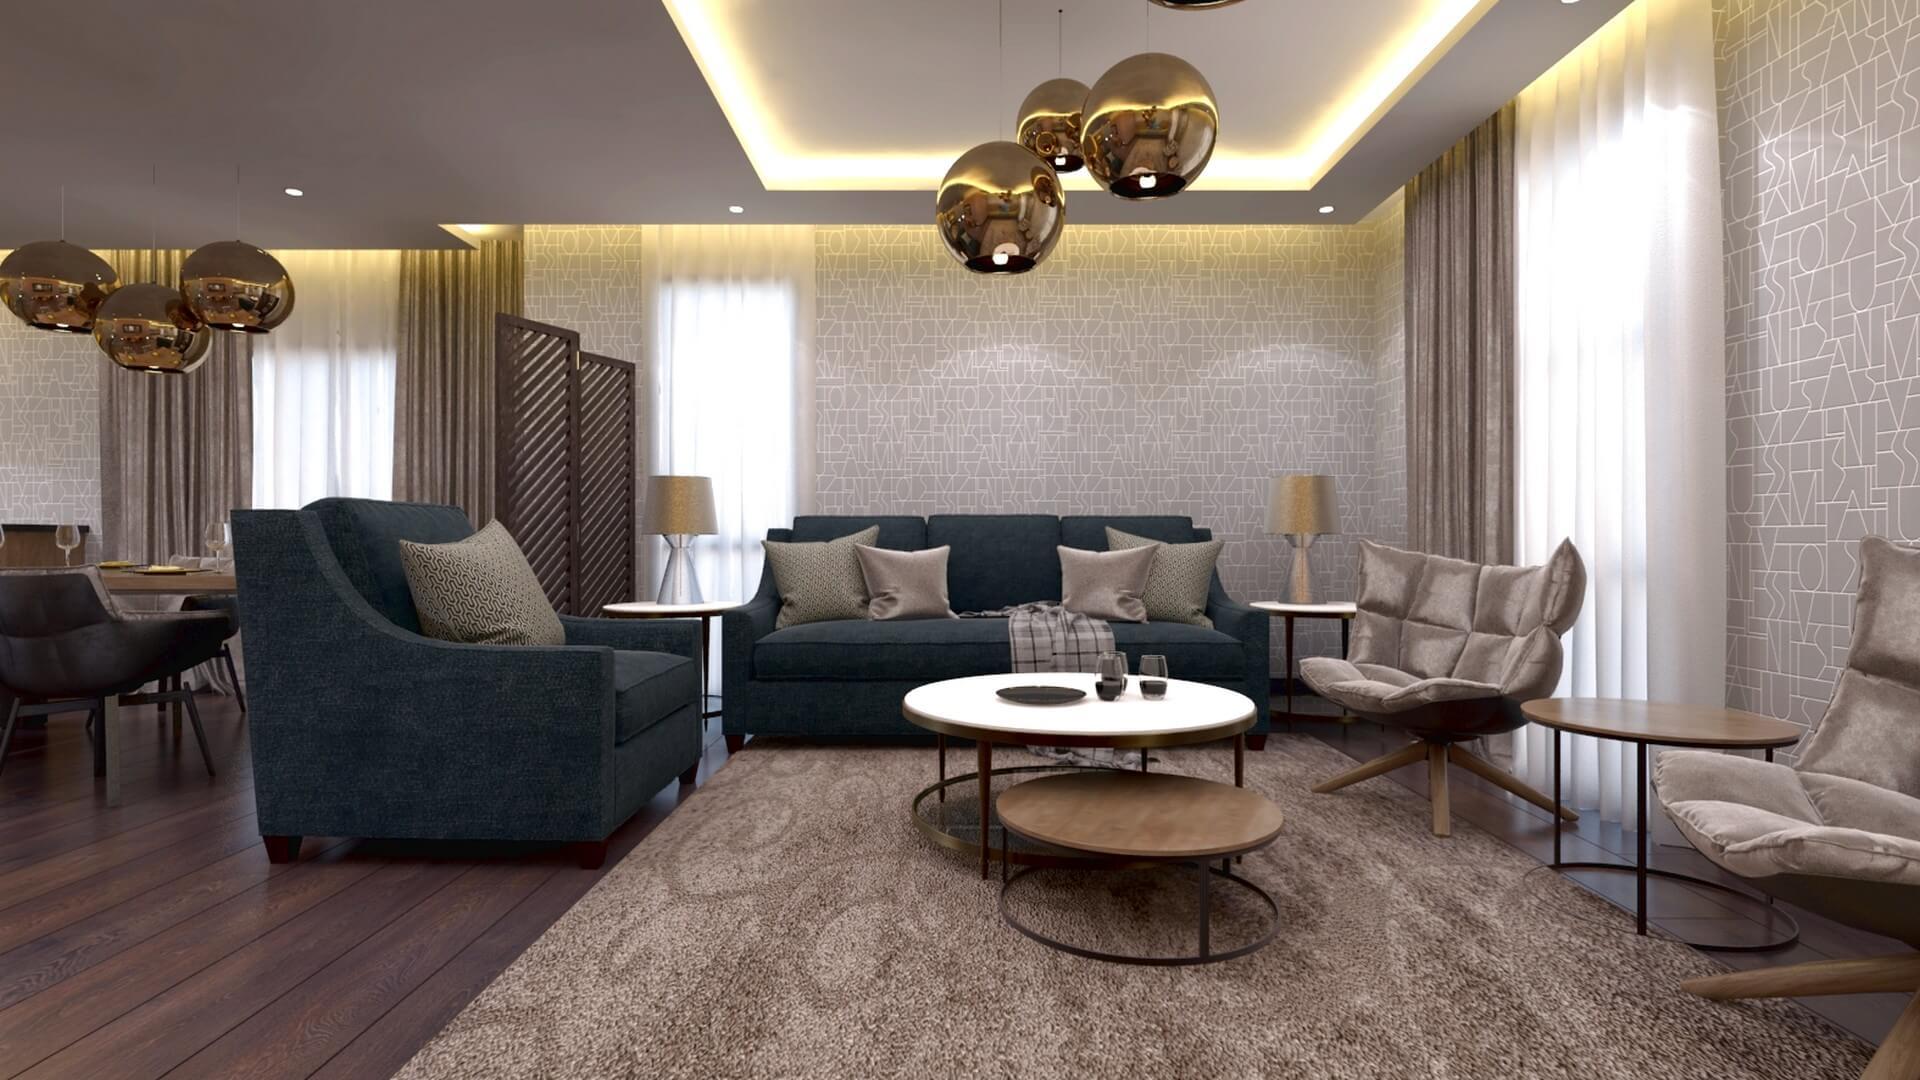 S. Dedeoglu Flat, Residential